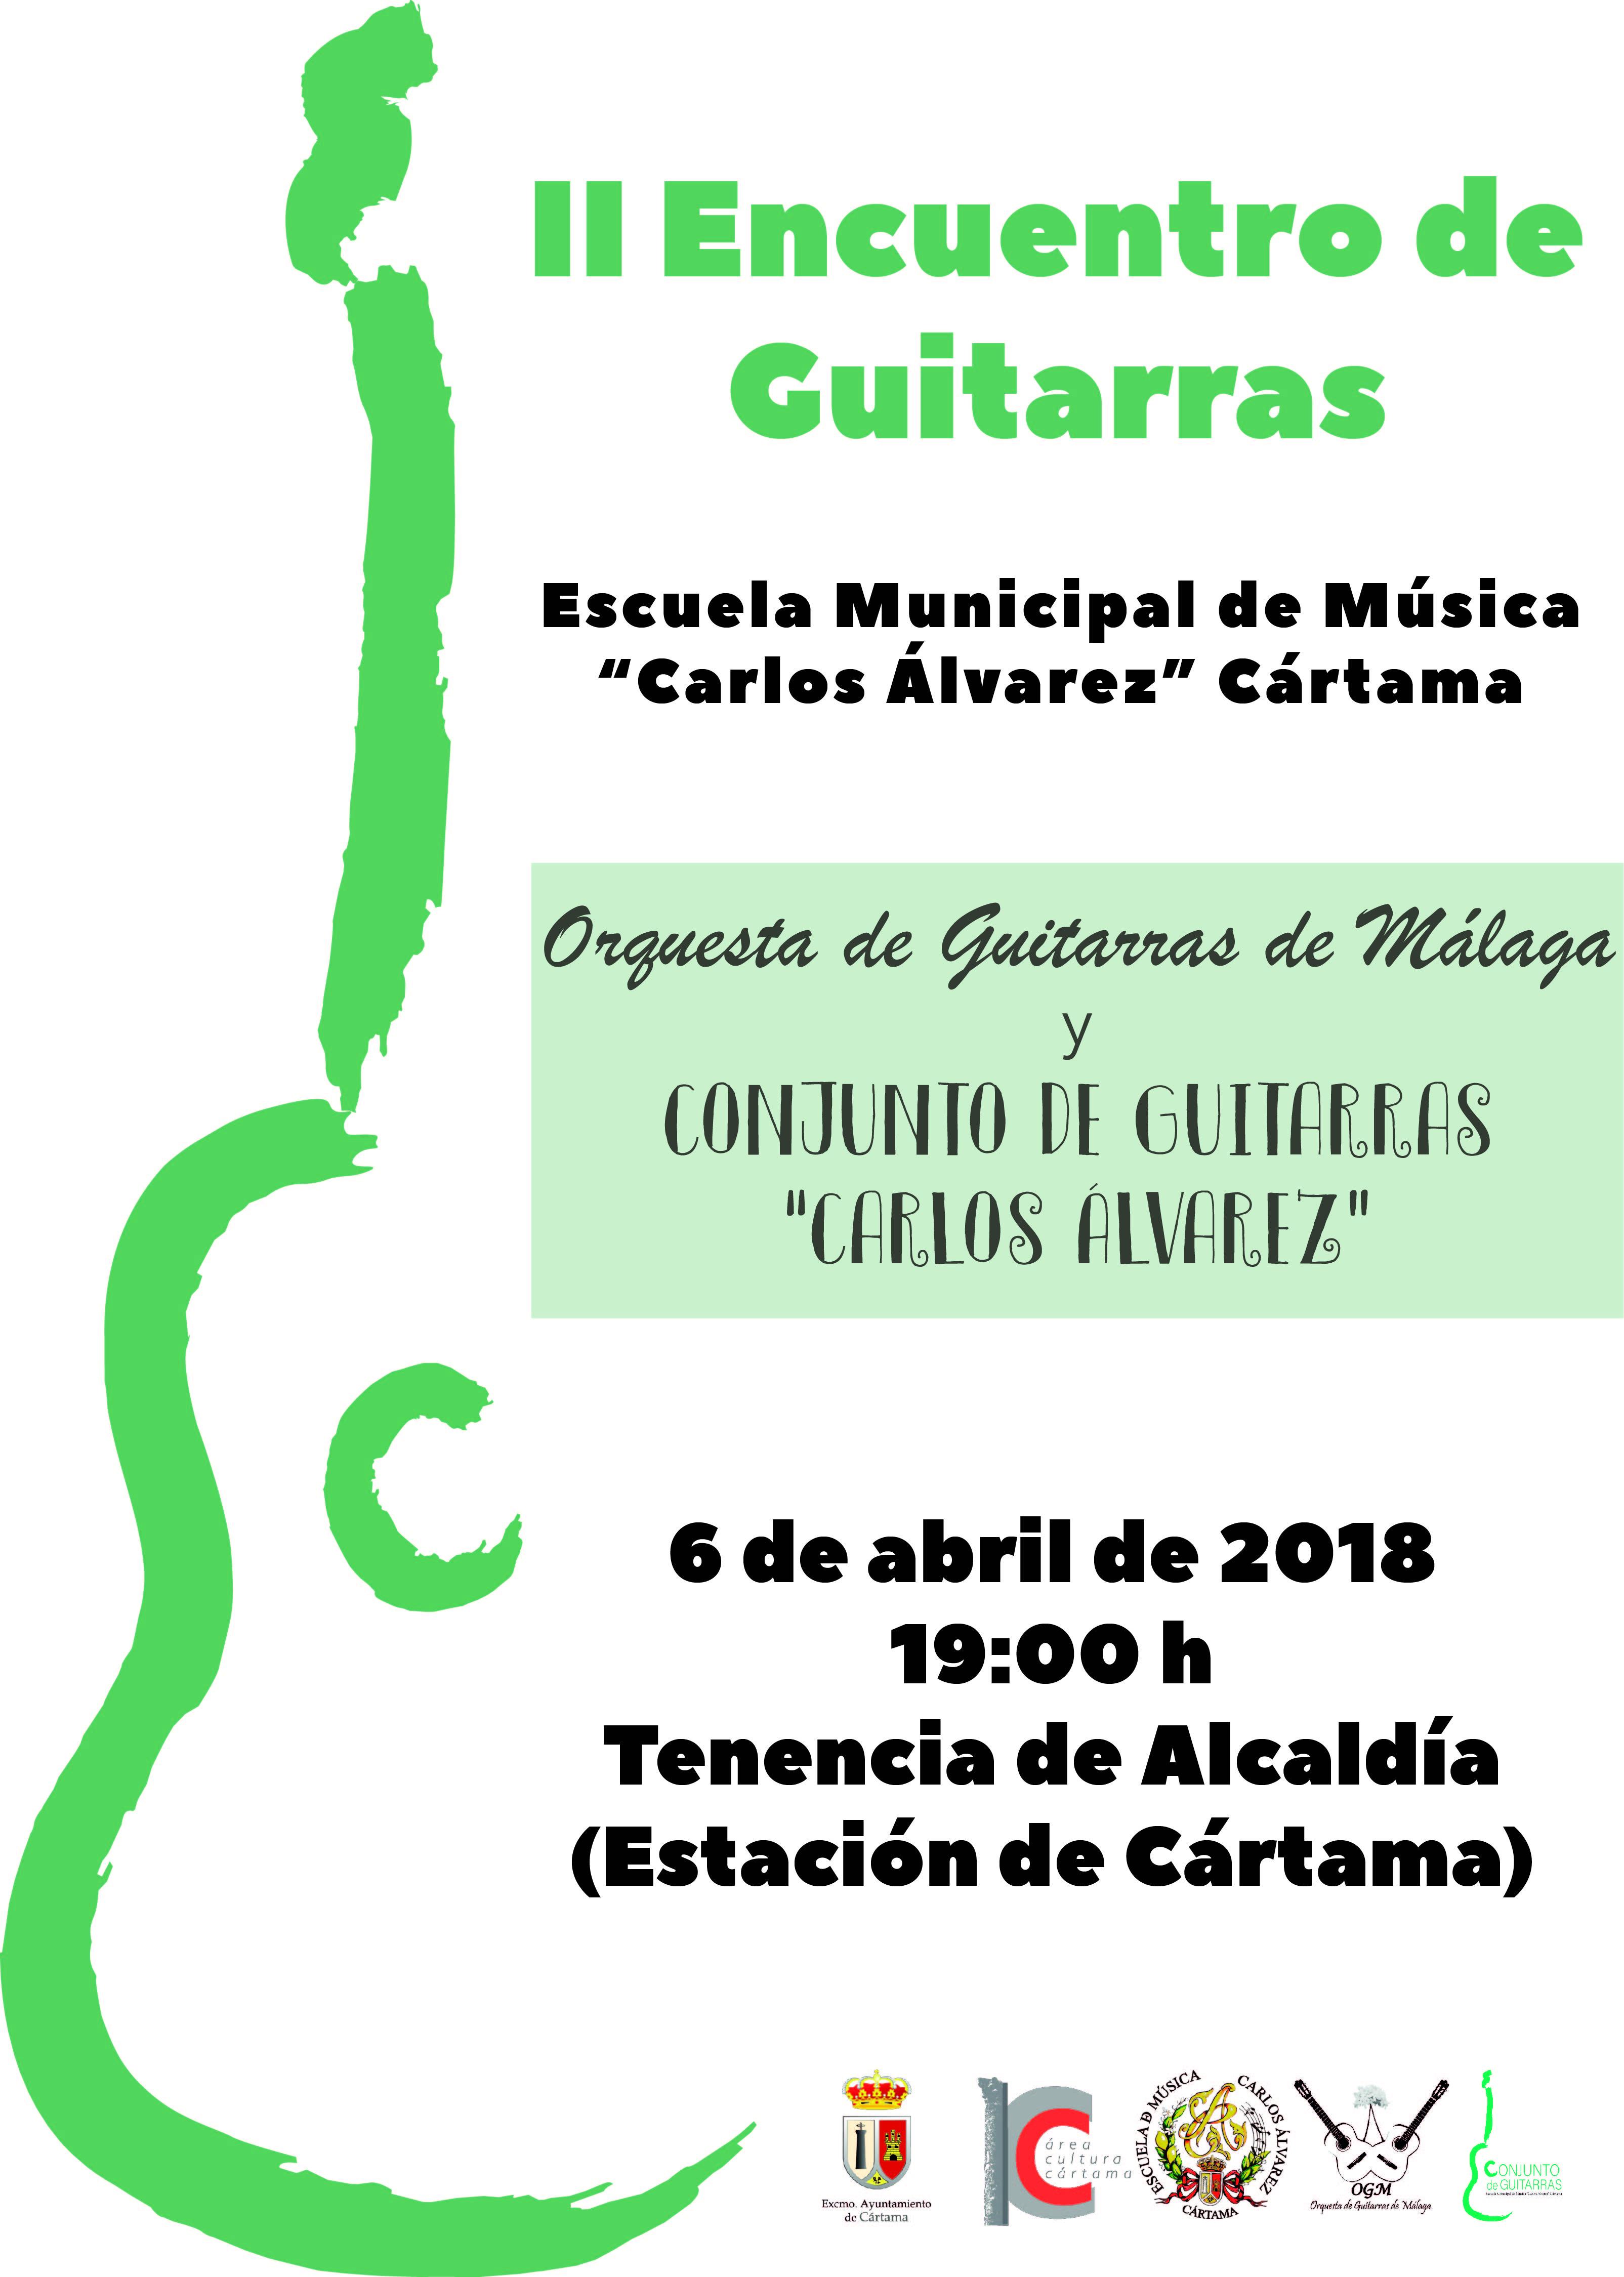 ii-encuentro-de-guitarras-2018